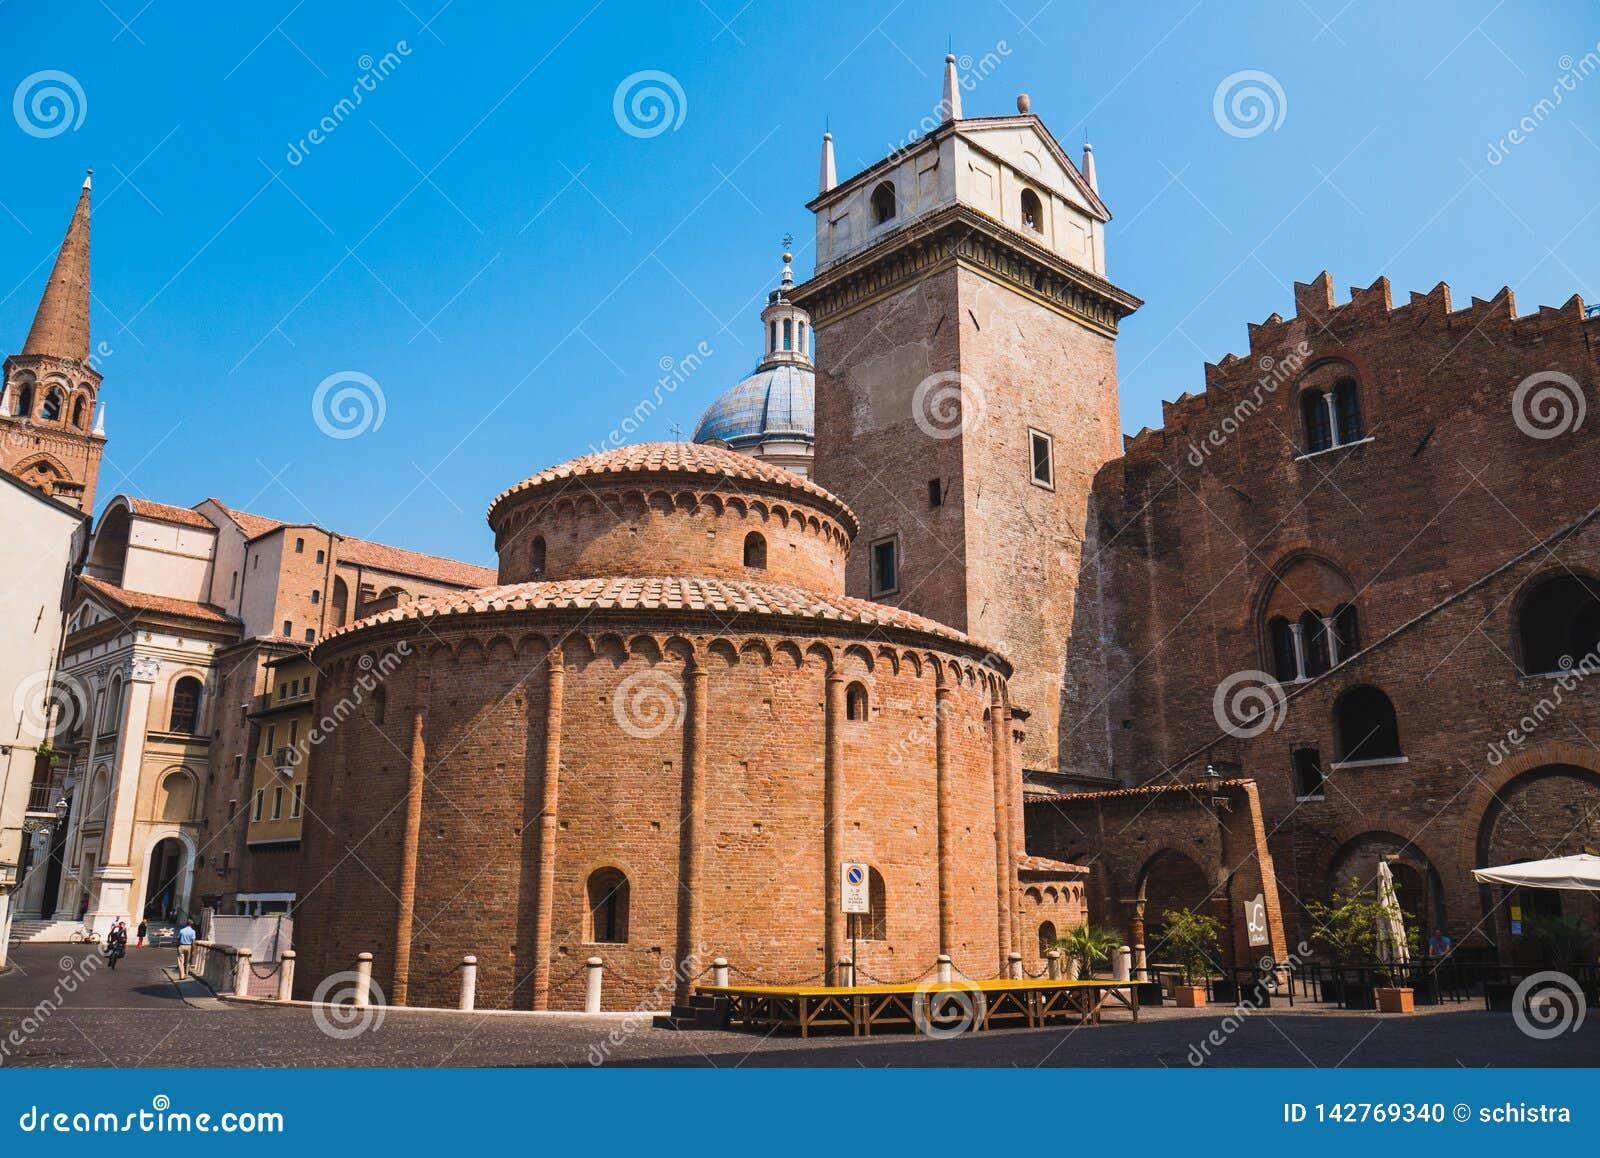 Rotonda di San Lorenzo church in Mantua